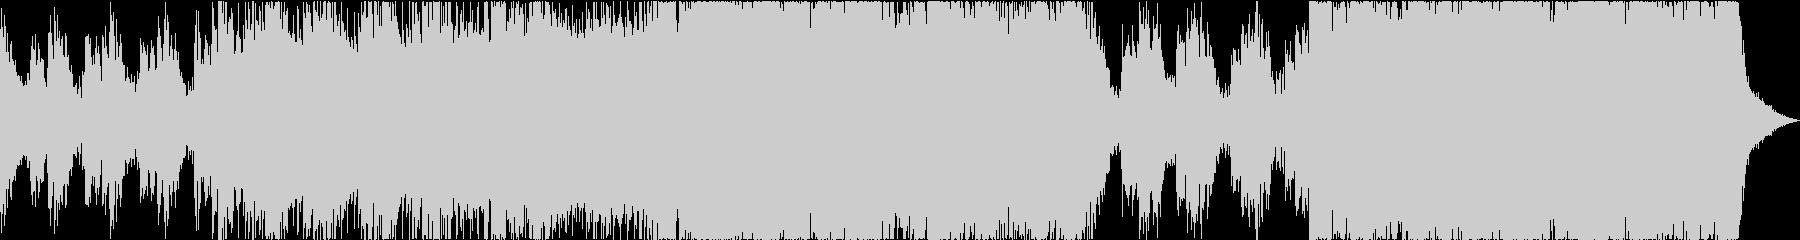 重厚で勢いのあるシンフォニックメタルの未再生の波形